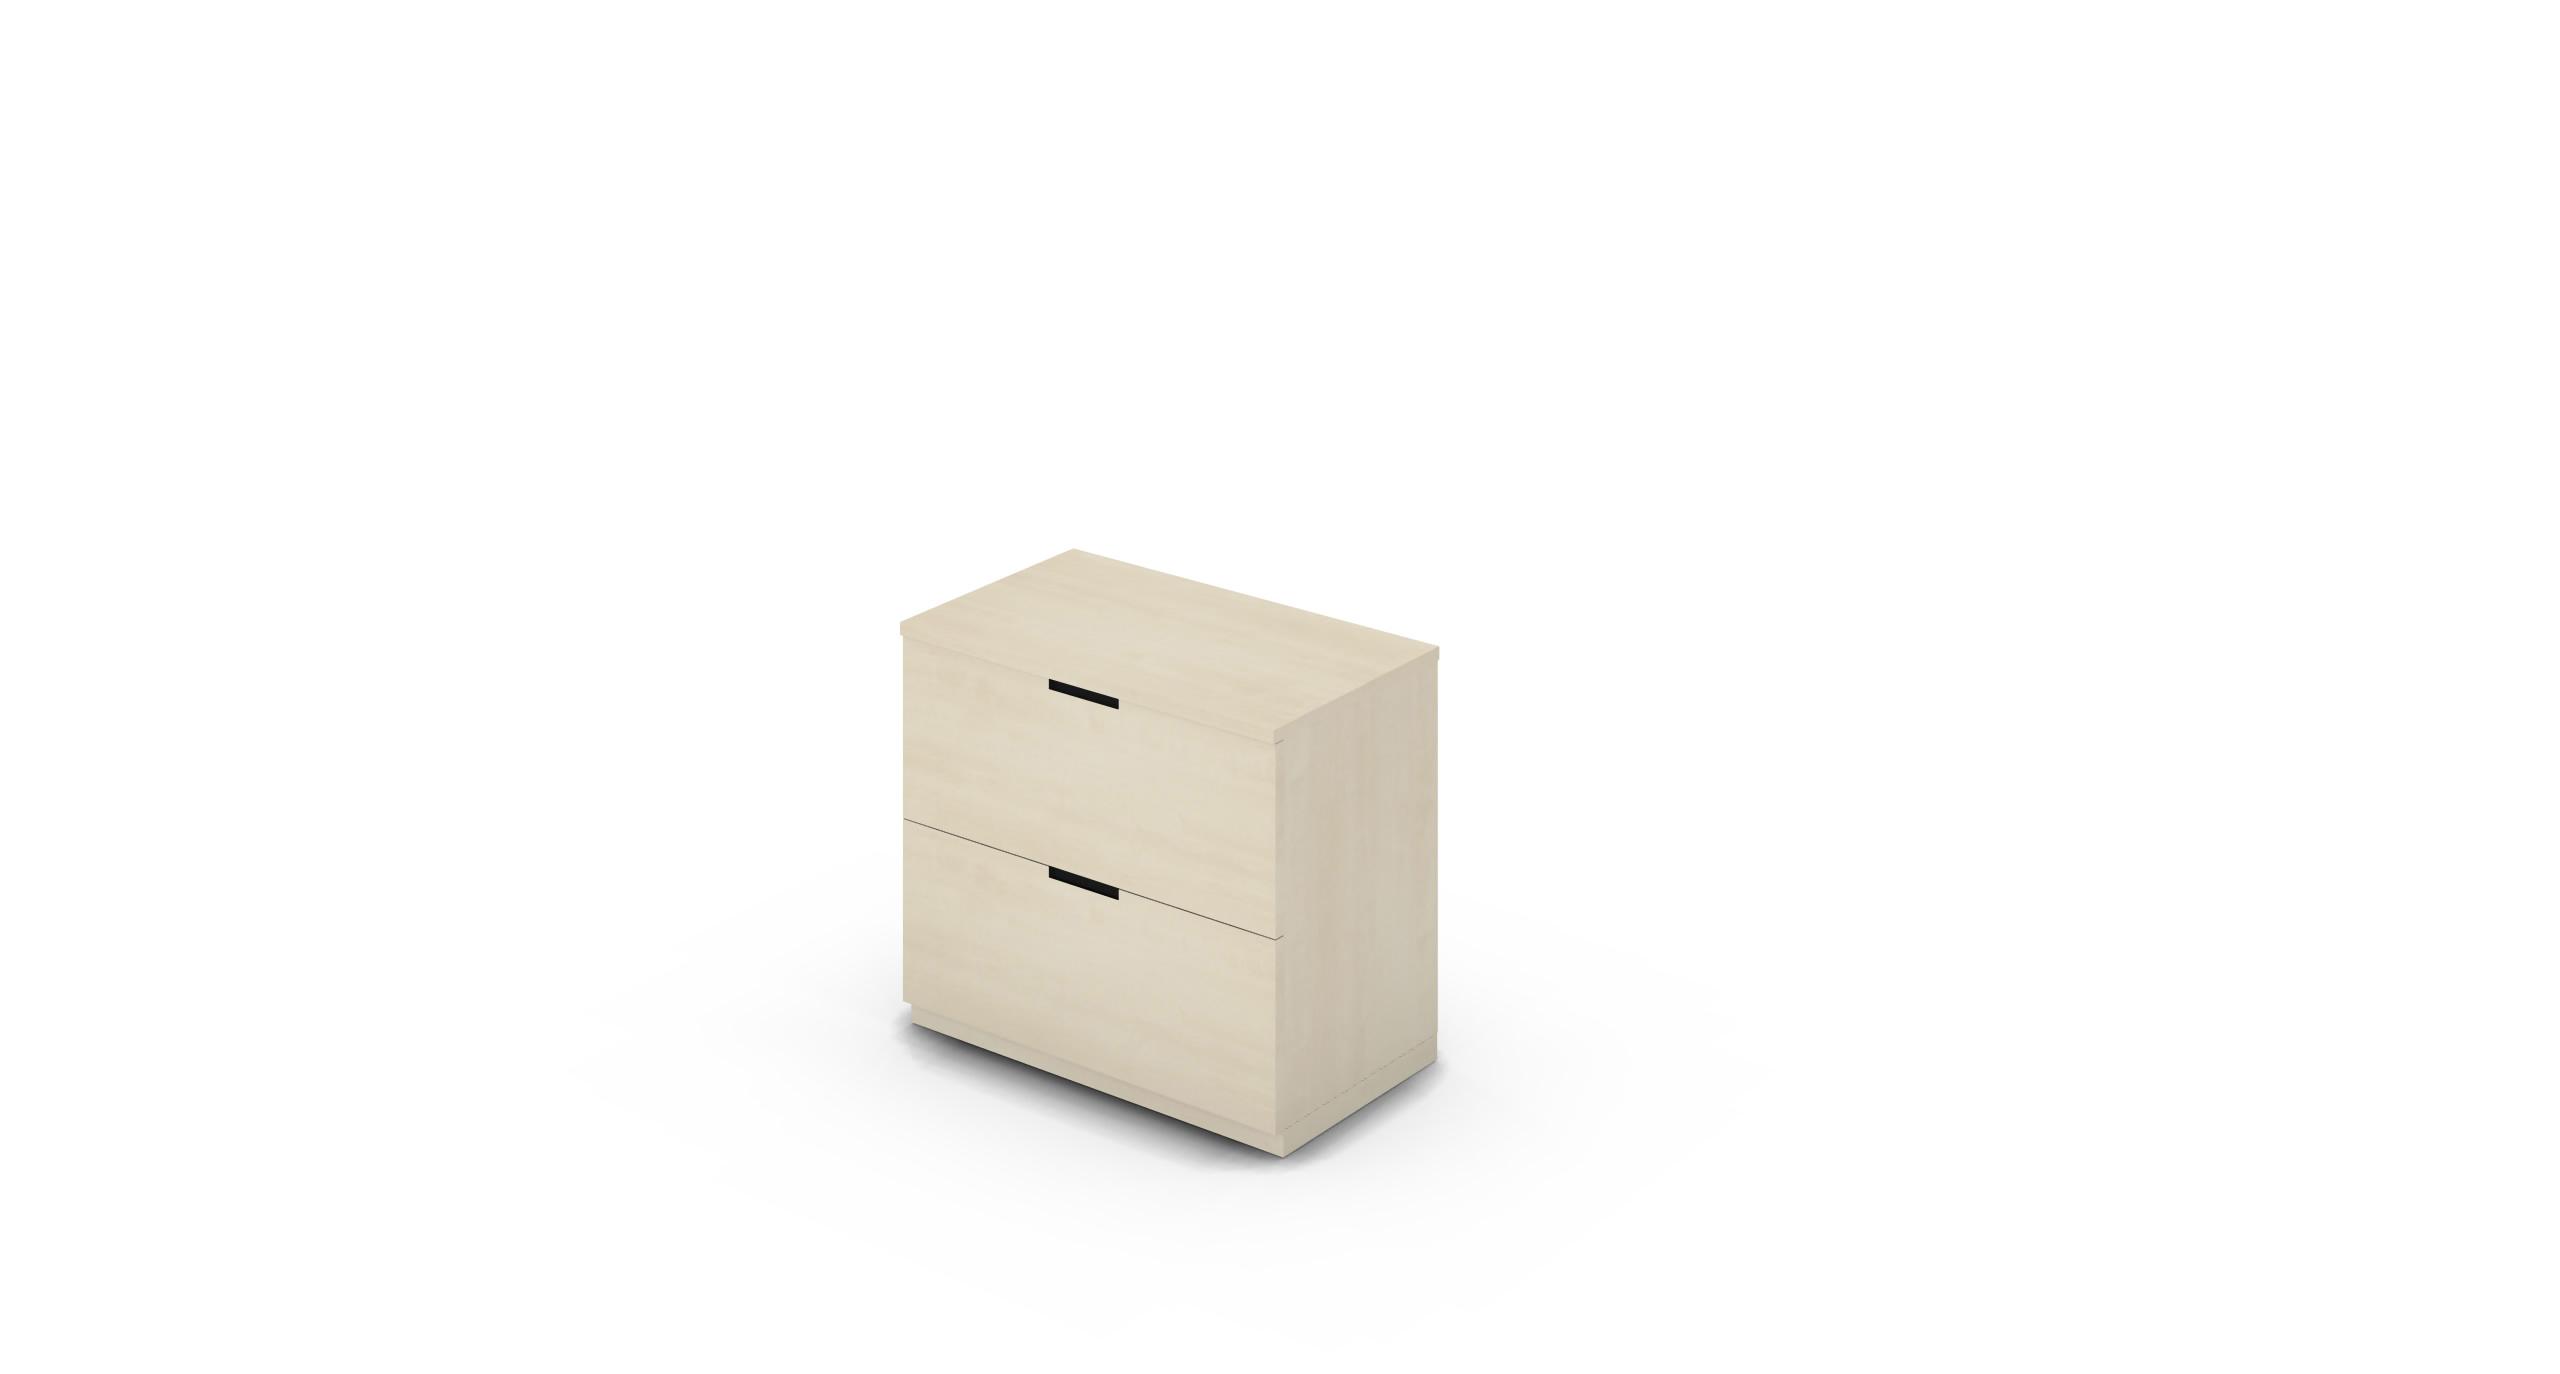 Cabinet_800x450x775_DR_Maple_CutOut_NoCylinder